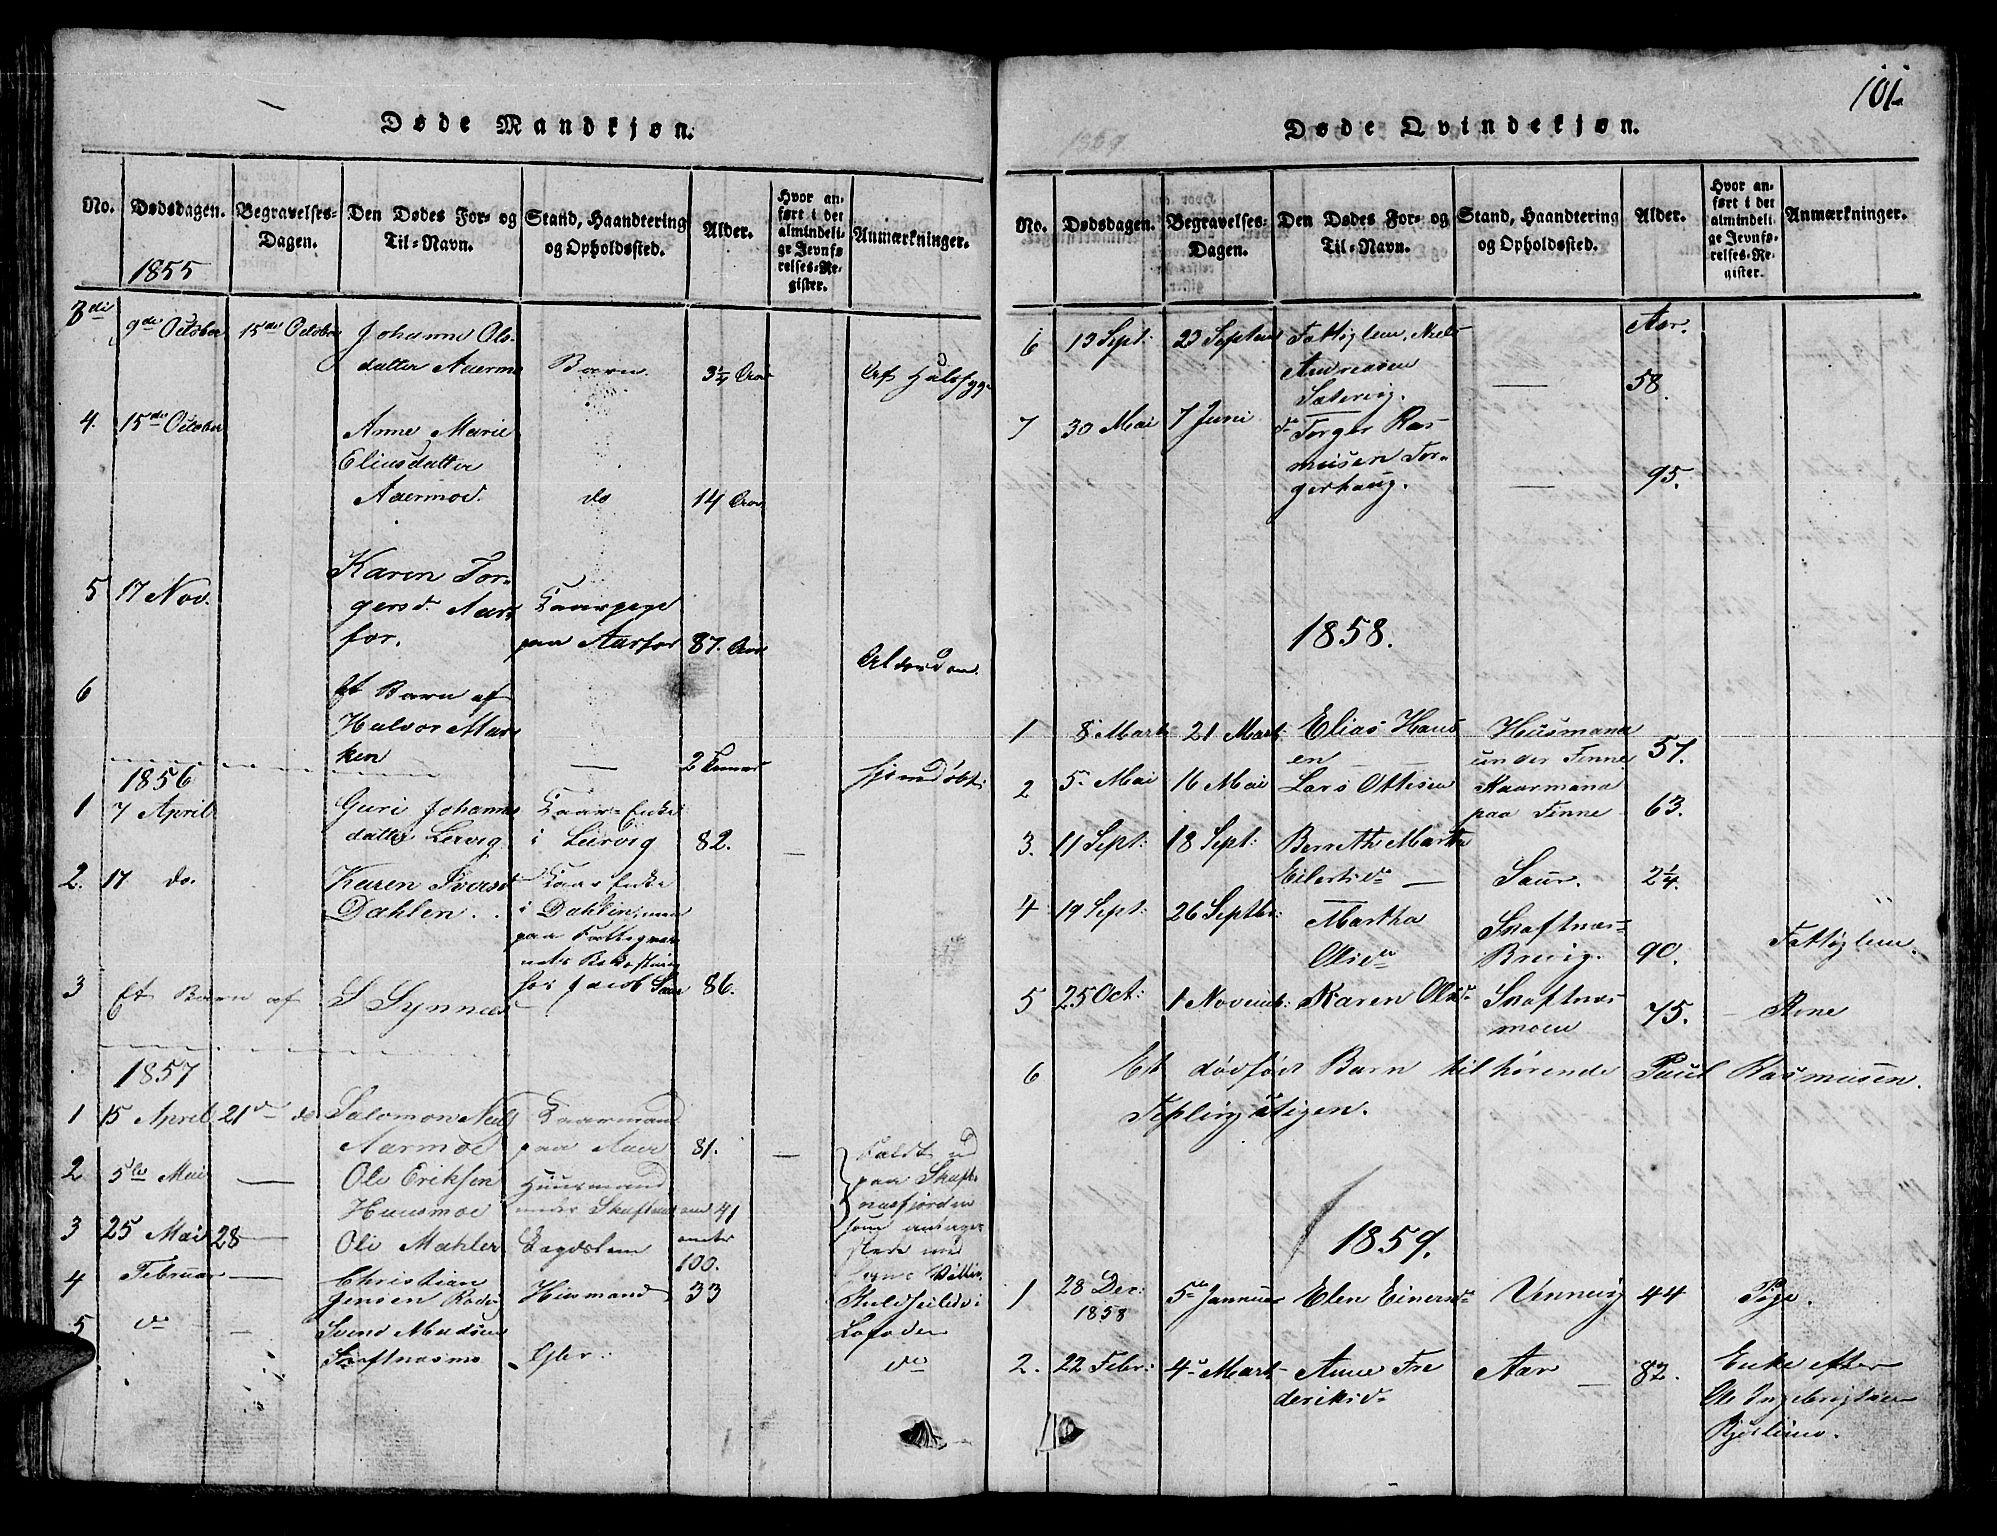 SAT, Ministerialprotokoller, klokkerbøker og fødselsregistre - Nord-Trøndelag, 780/L0648: Klokkerbok nr. 780C01 /3, 1815-1877, s. 101